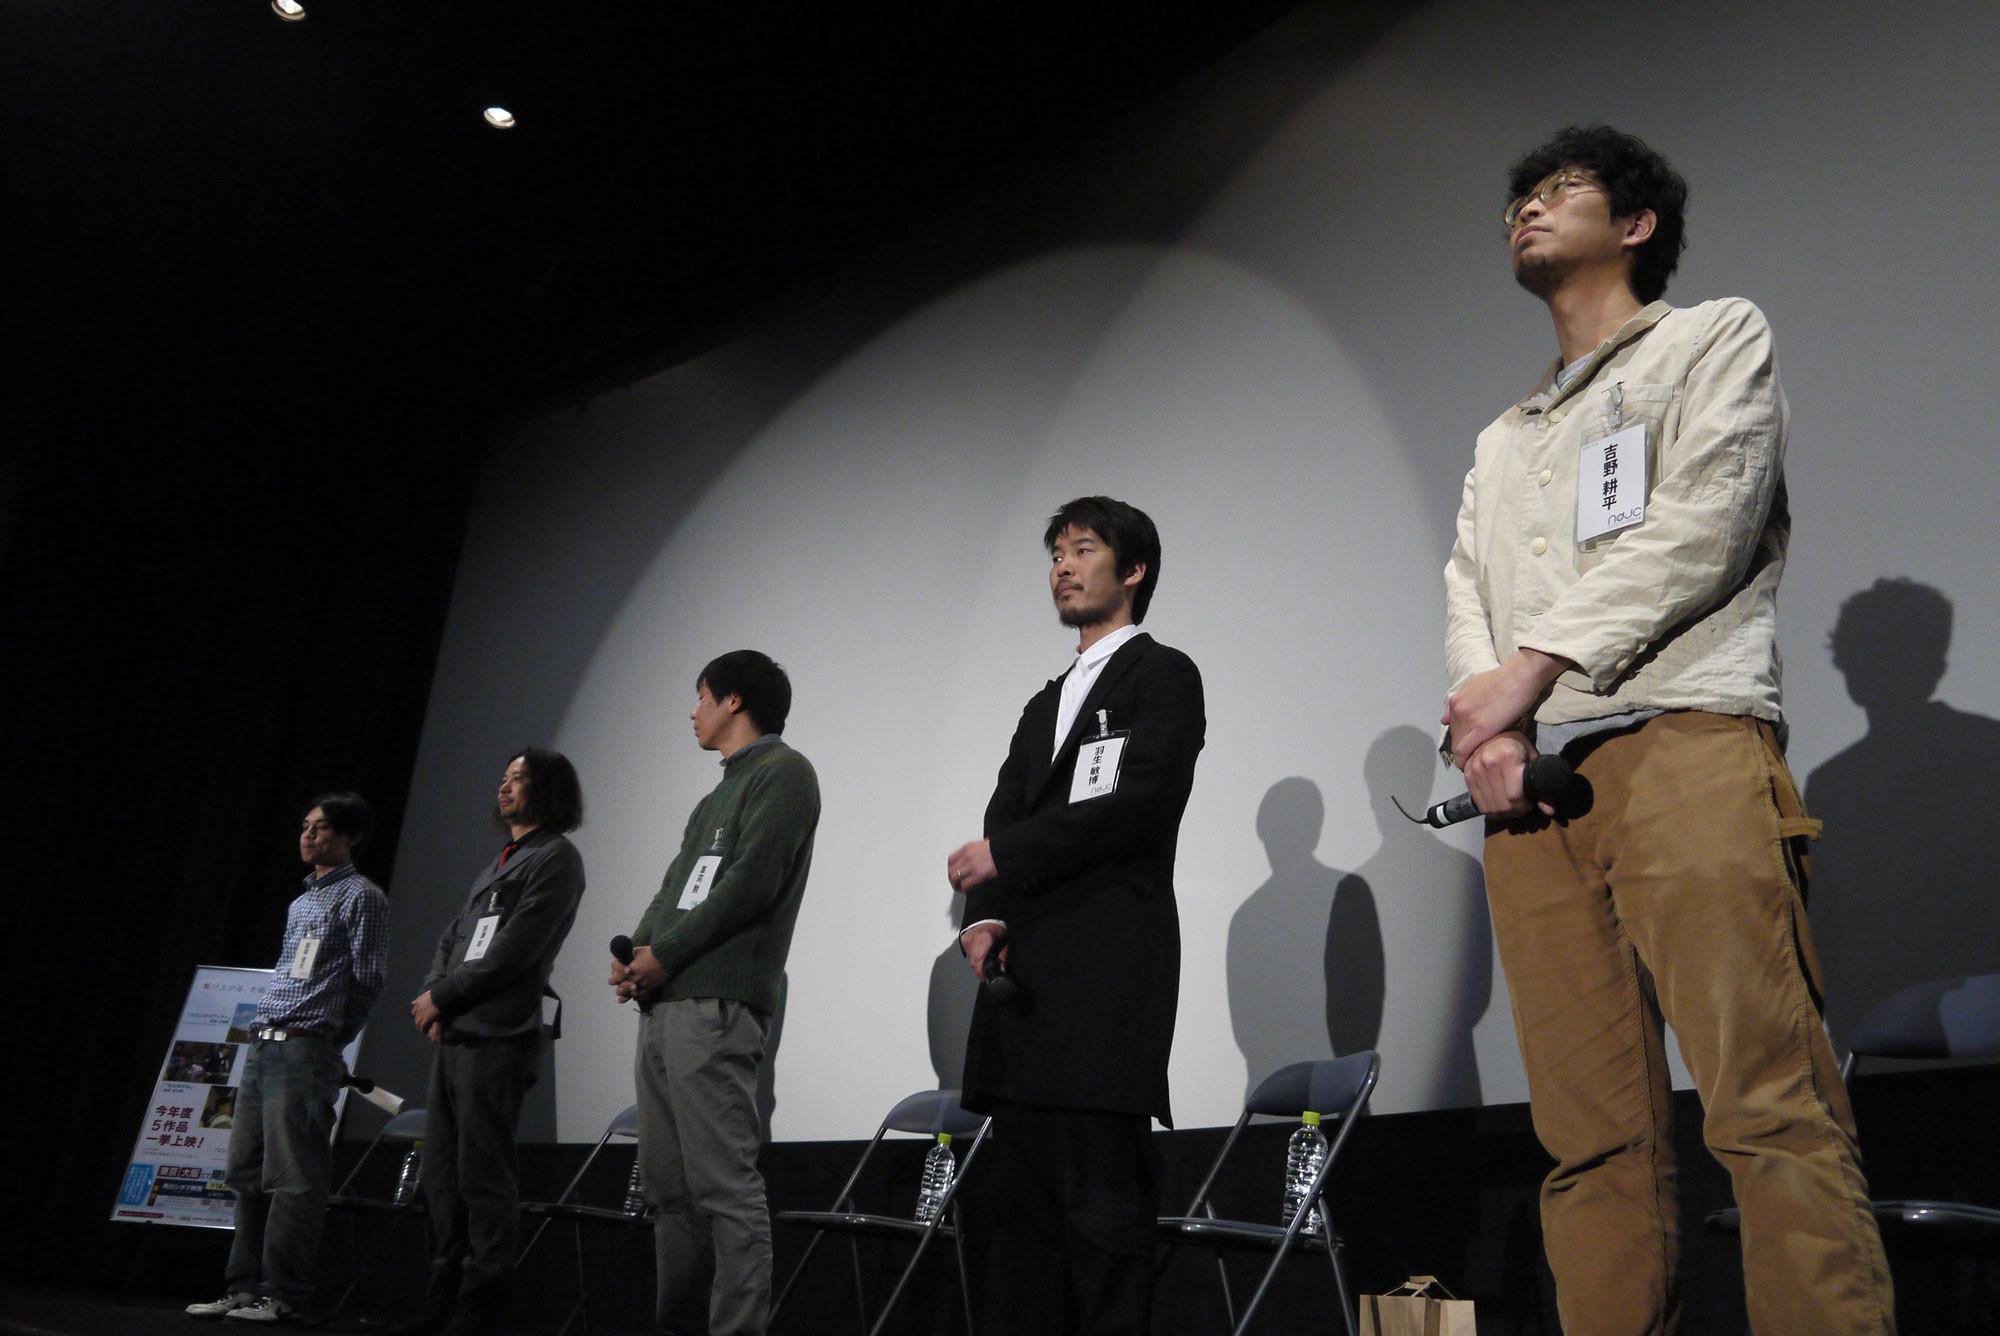 「ndjc:若手映画作家育成プロジェクト」特別上映満員御礼スタート